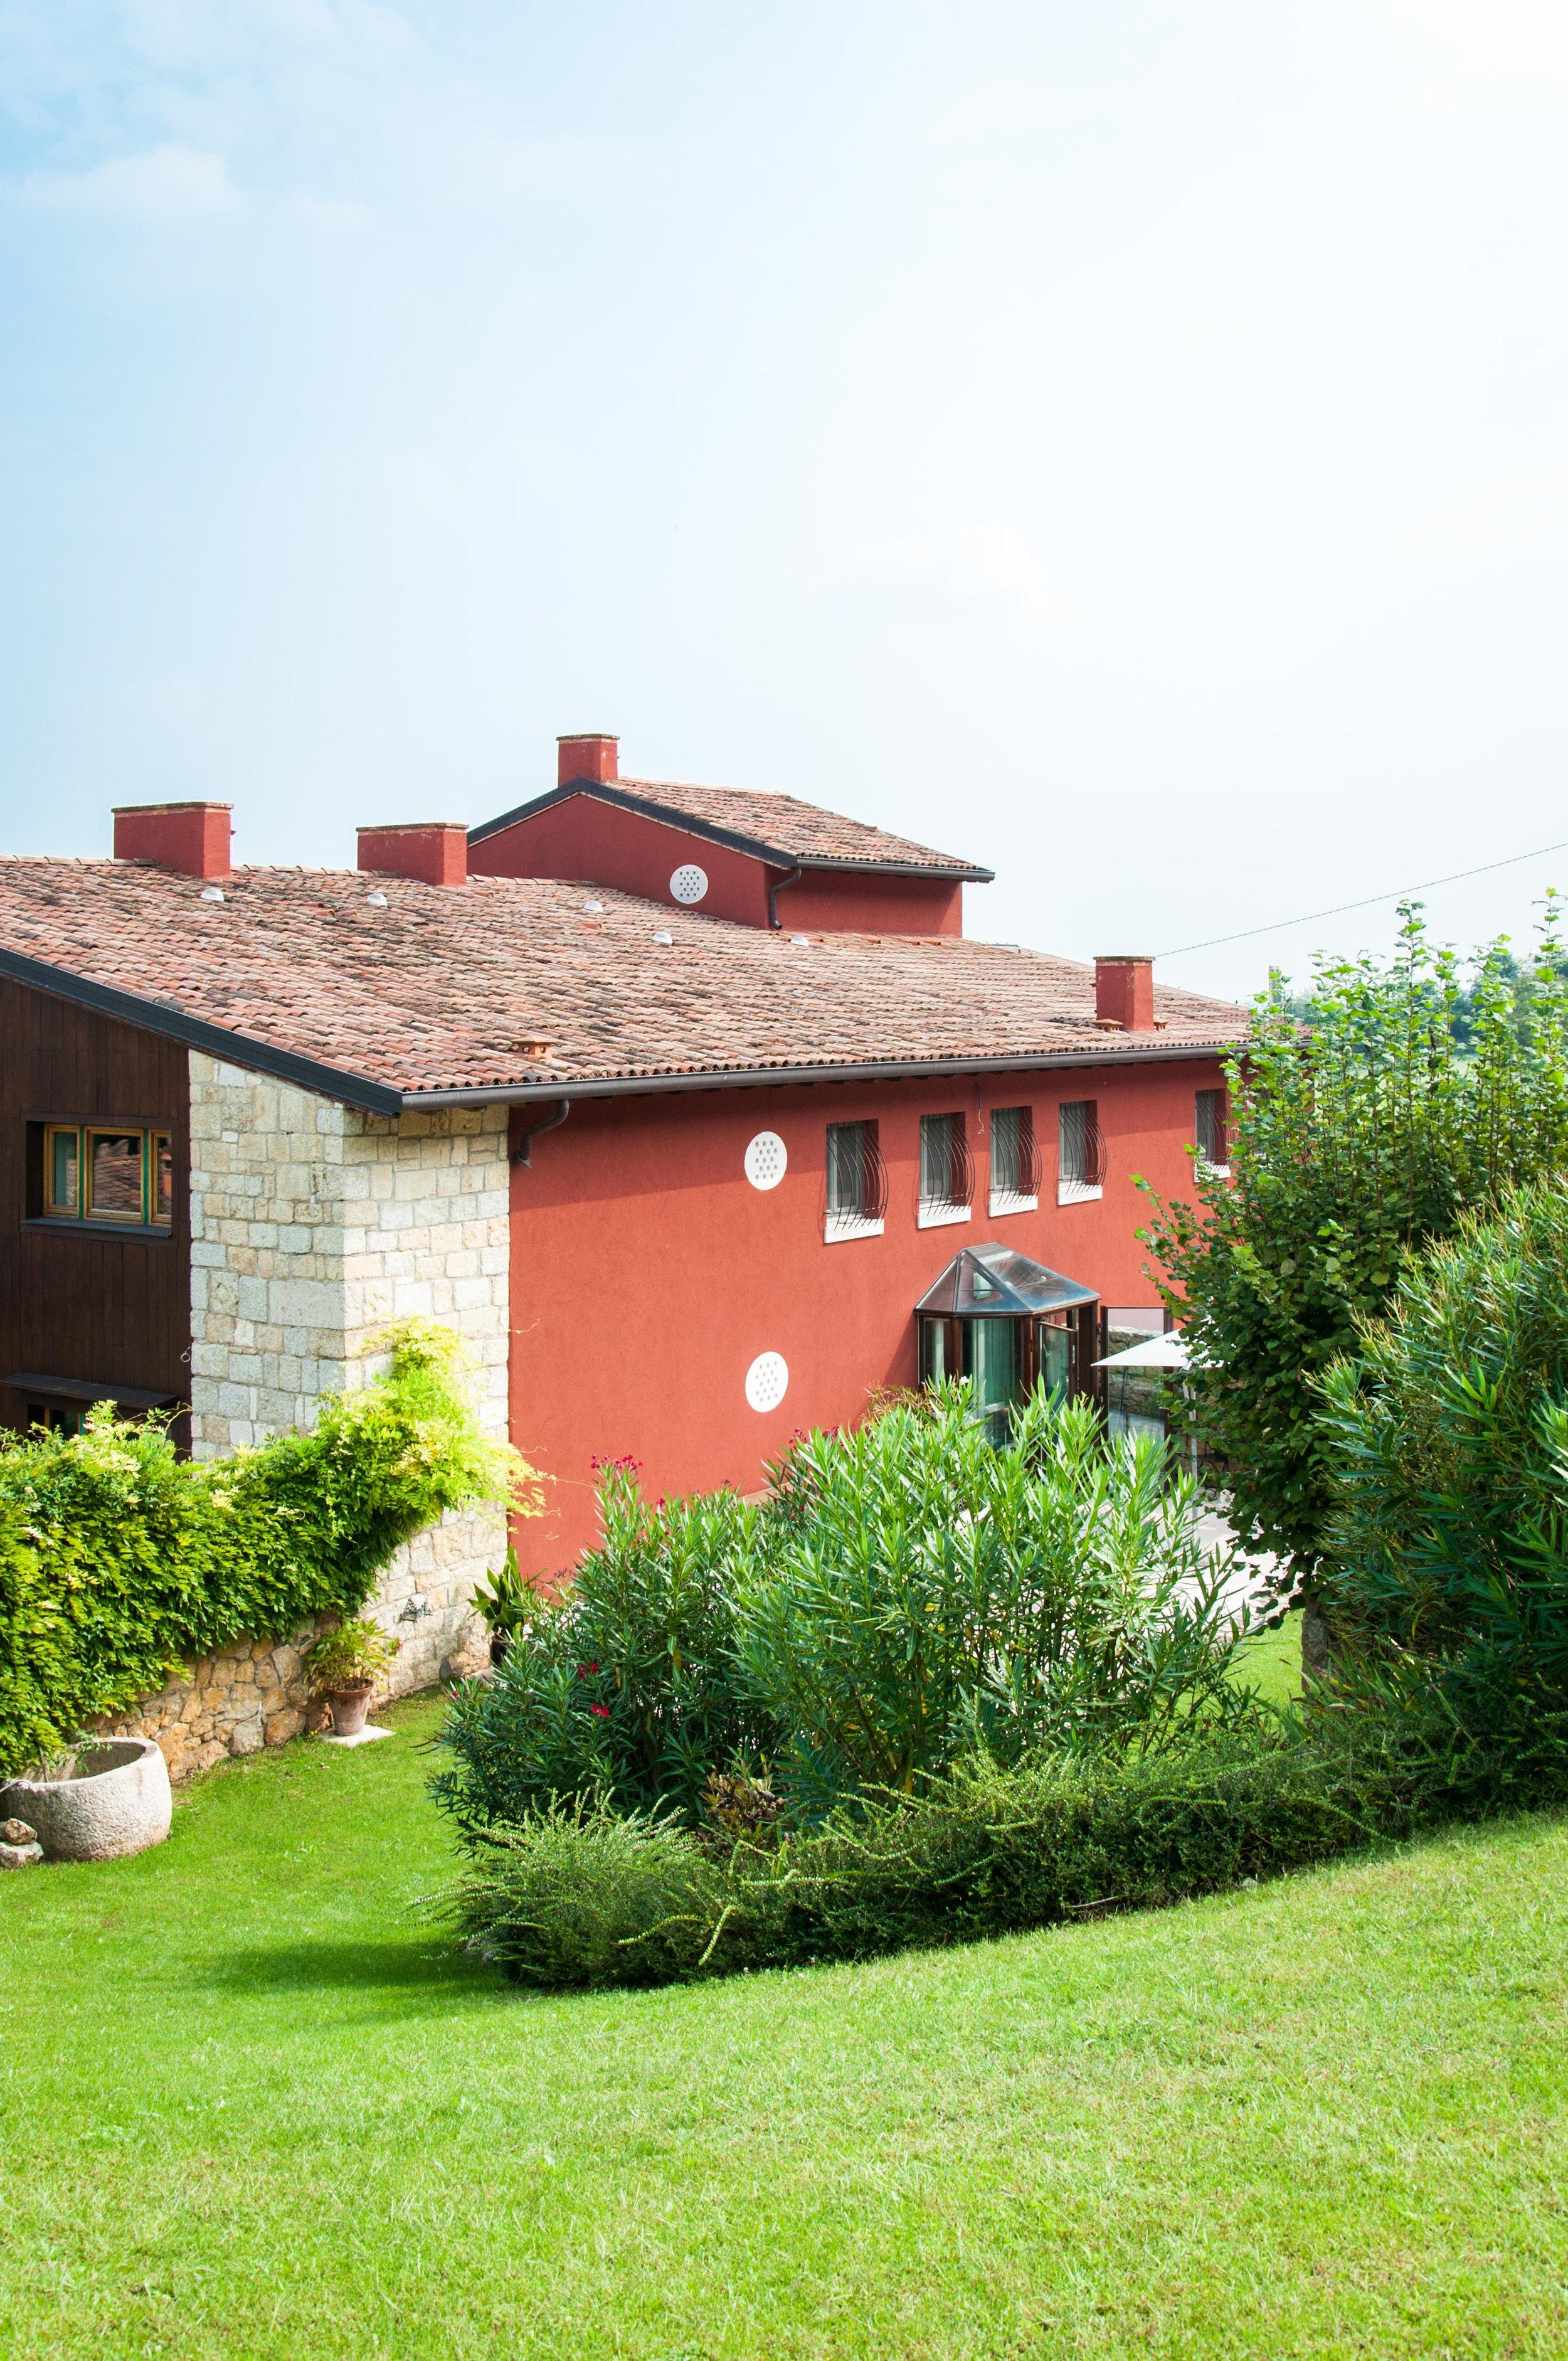 Colle-degli-Ulivi-8.jpg